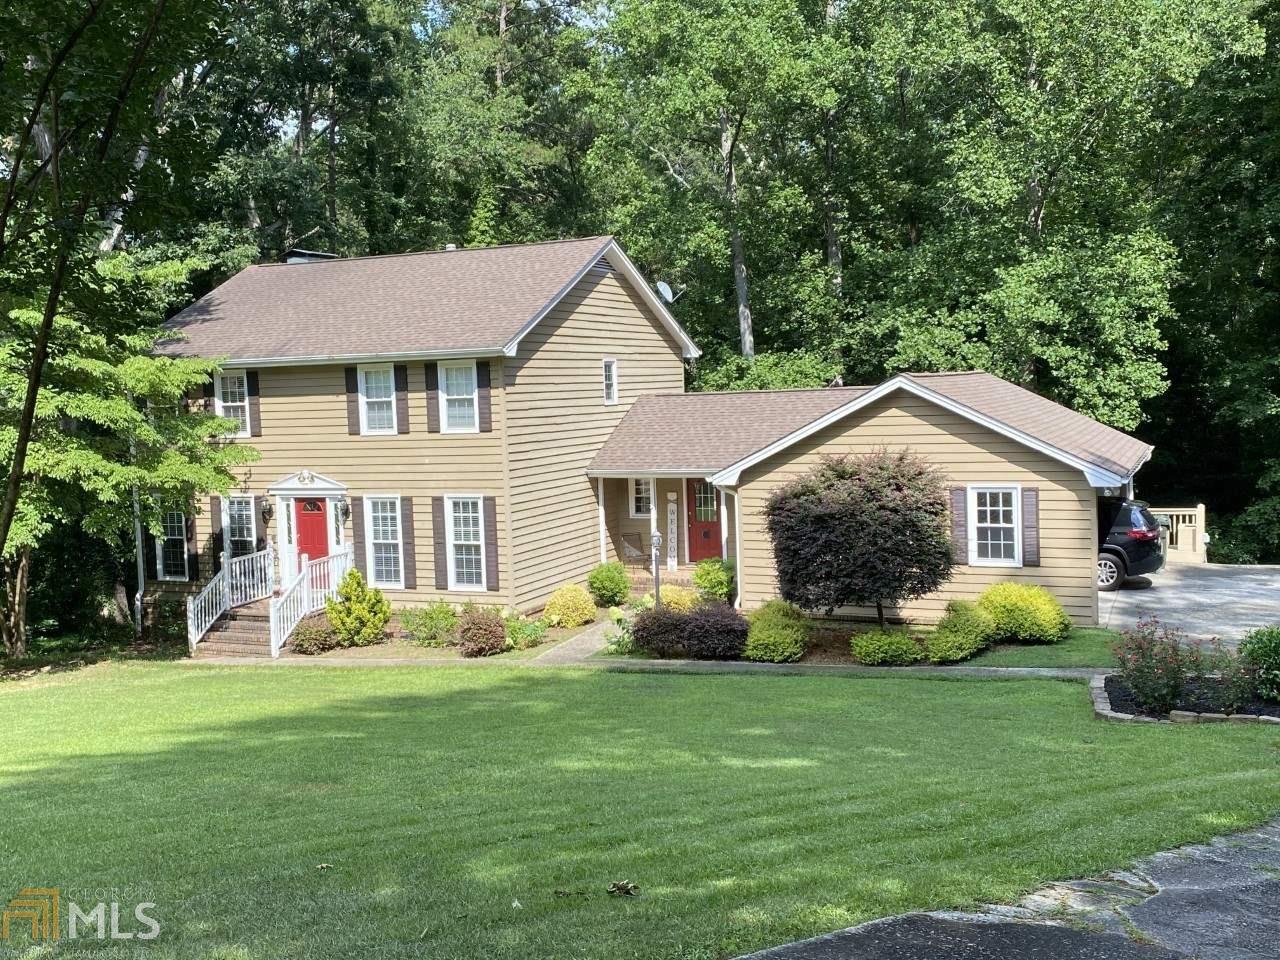 73 Ridgeview Hts, Toccoa, GA 30577 - MLS#: 8828039